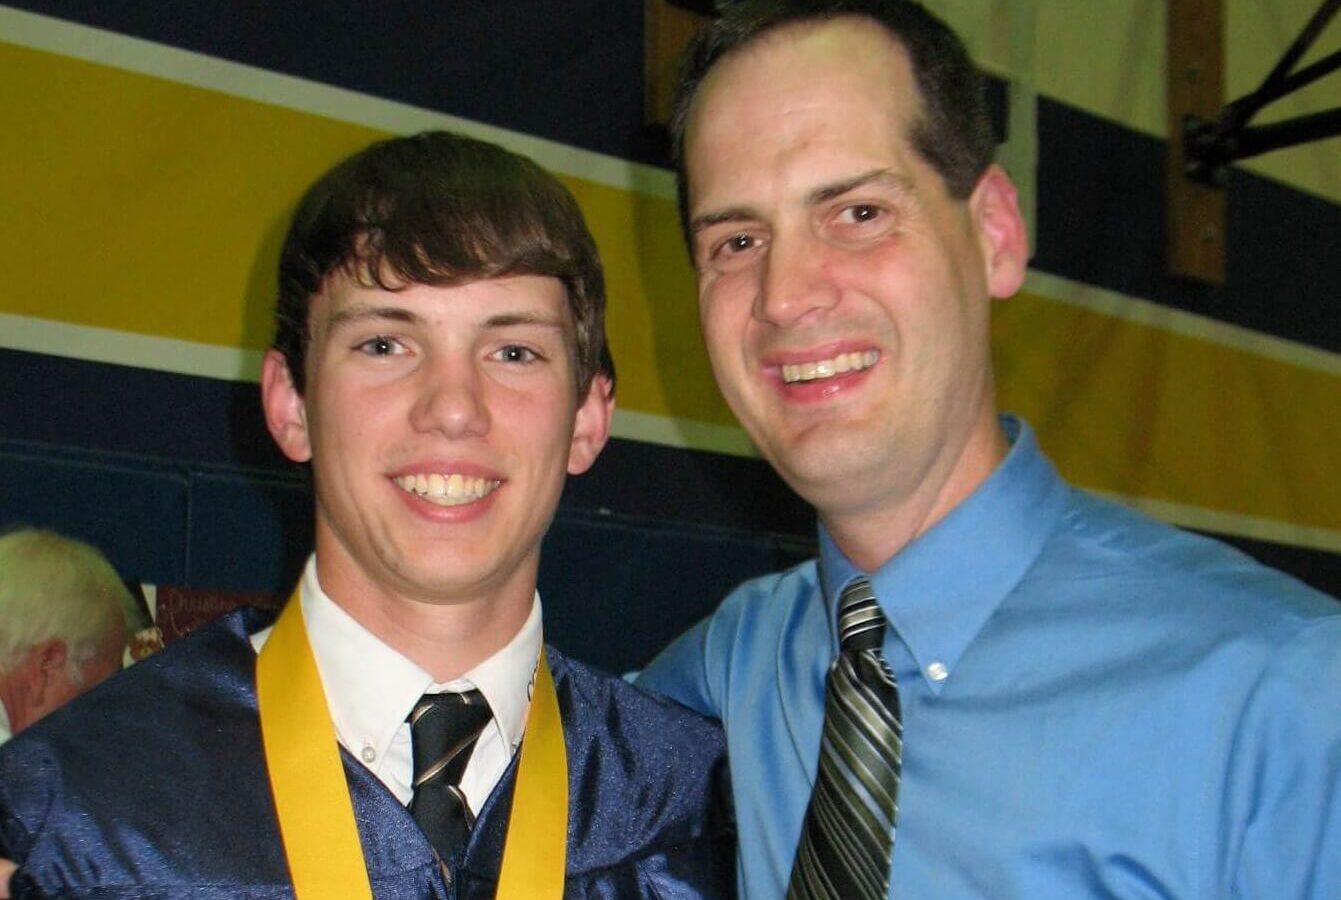 Matt at Graduation